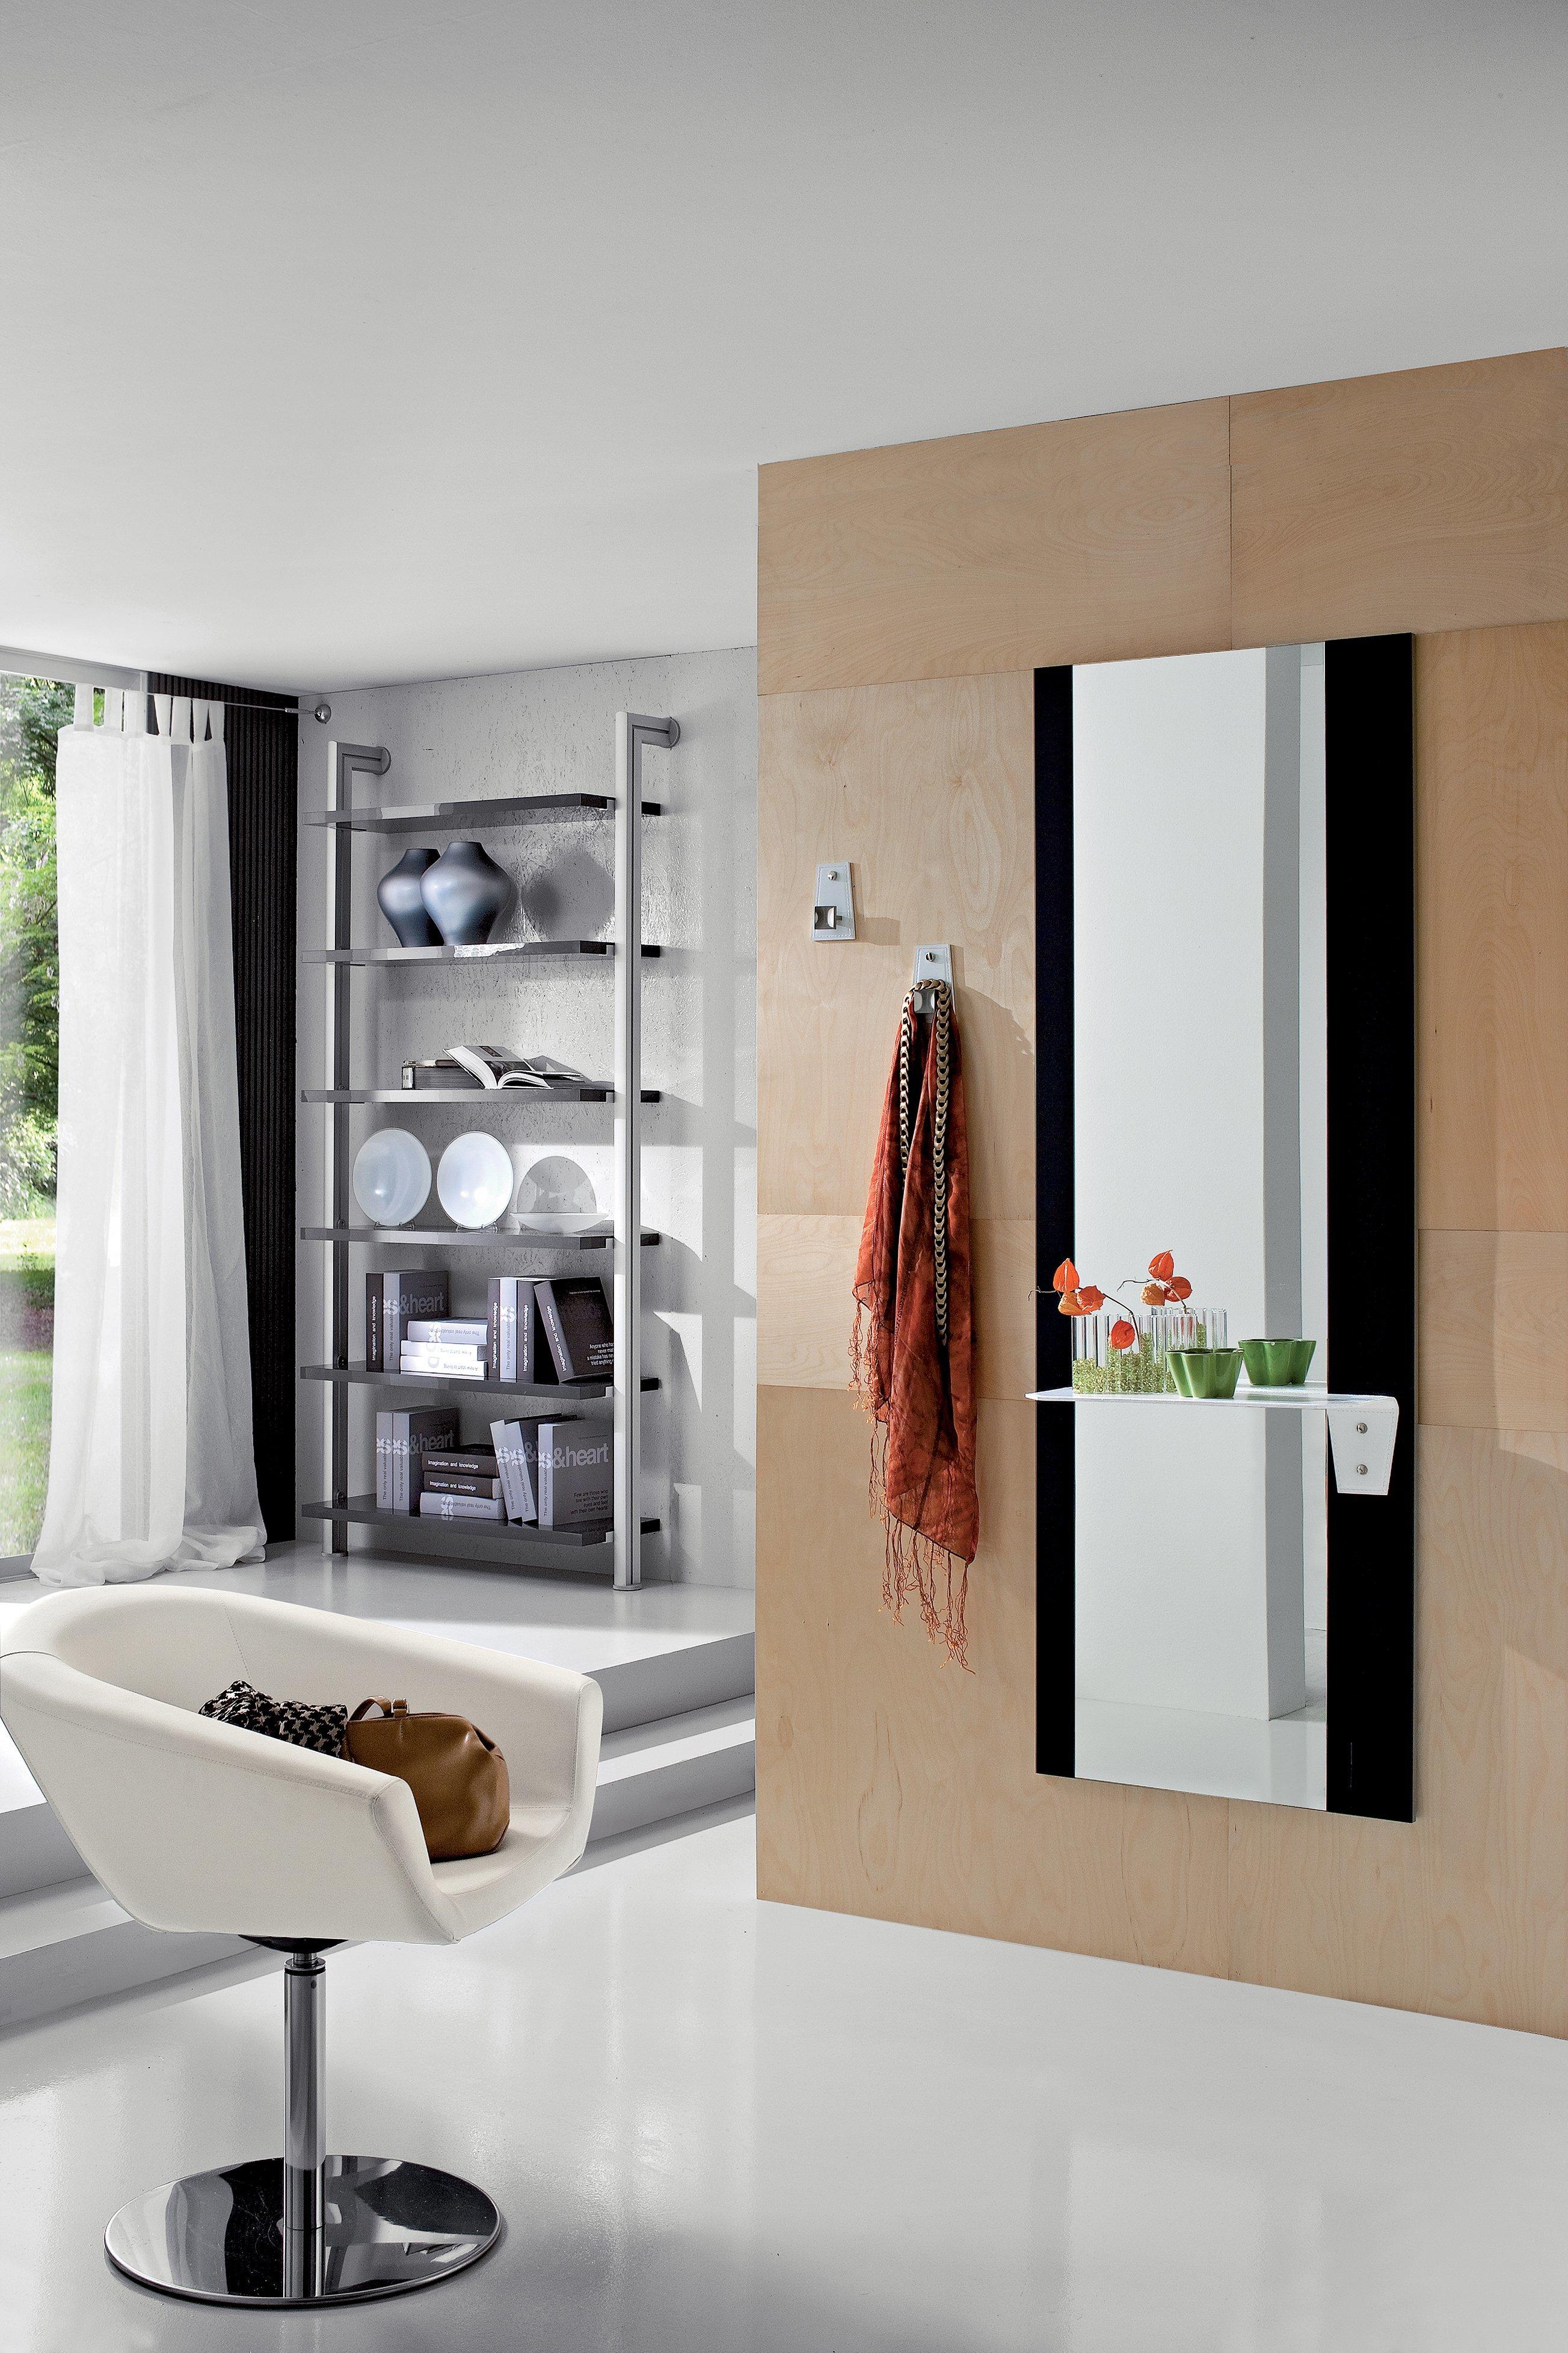 Specchio Moderno Per Ingresso.Specchio Ingresso Lia 500 Ingresso Moderno Con Specchio Lia